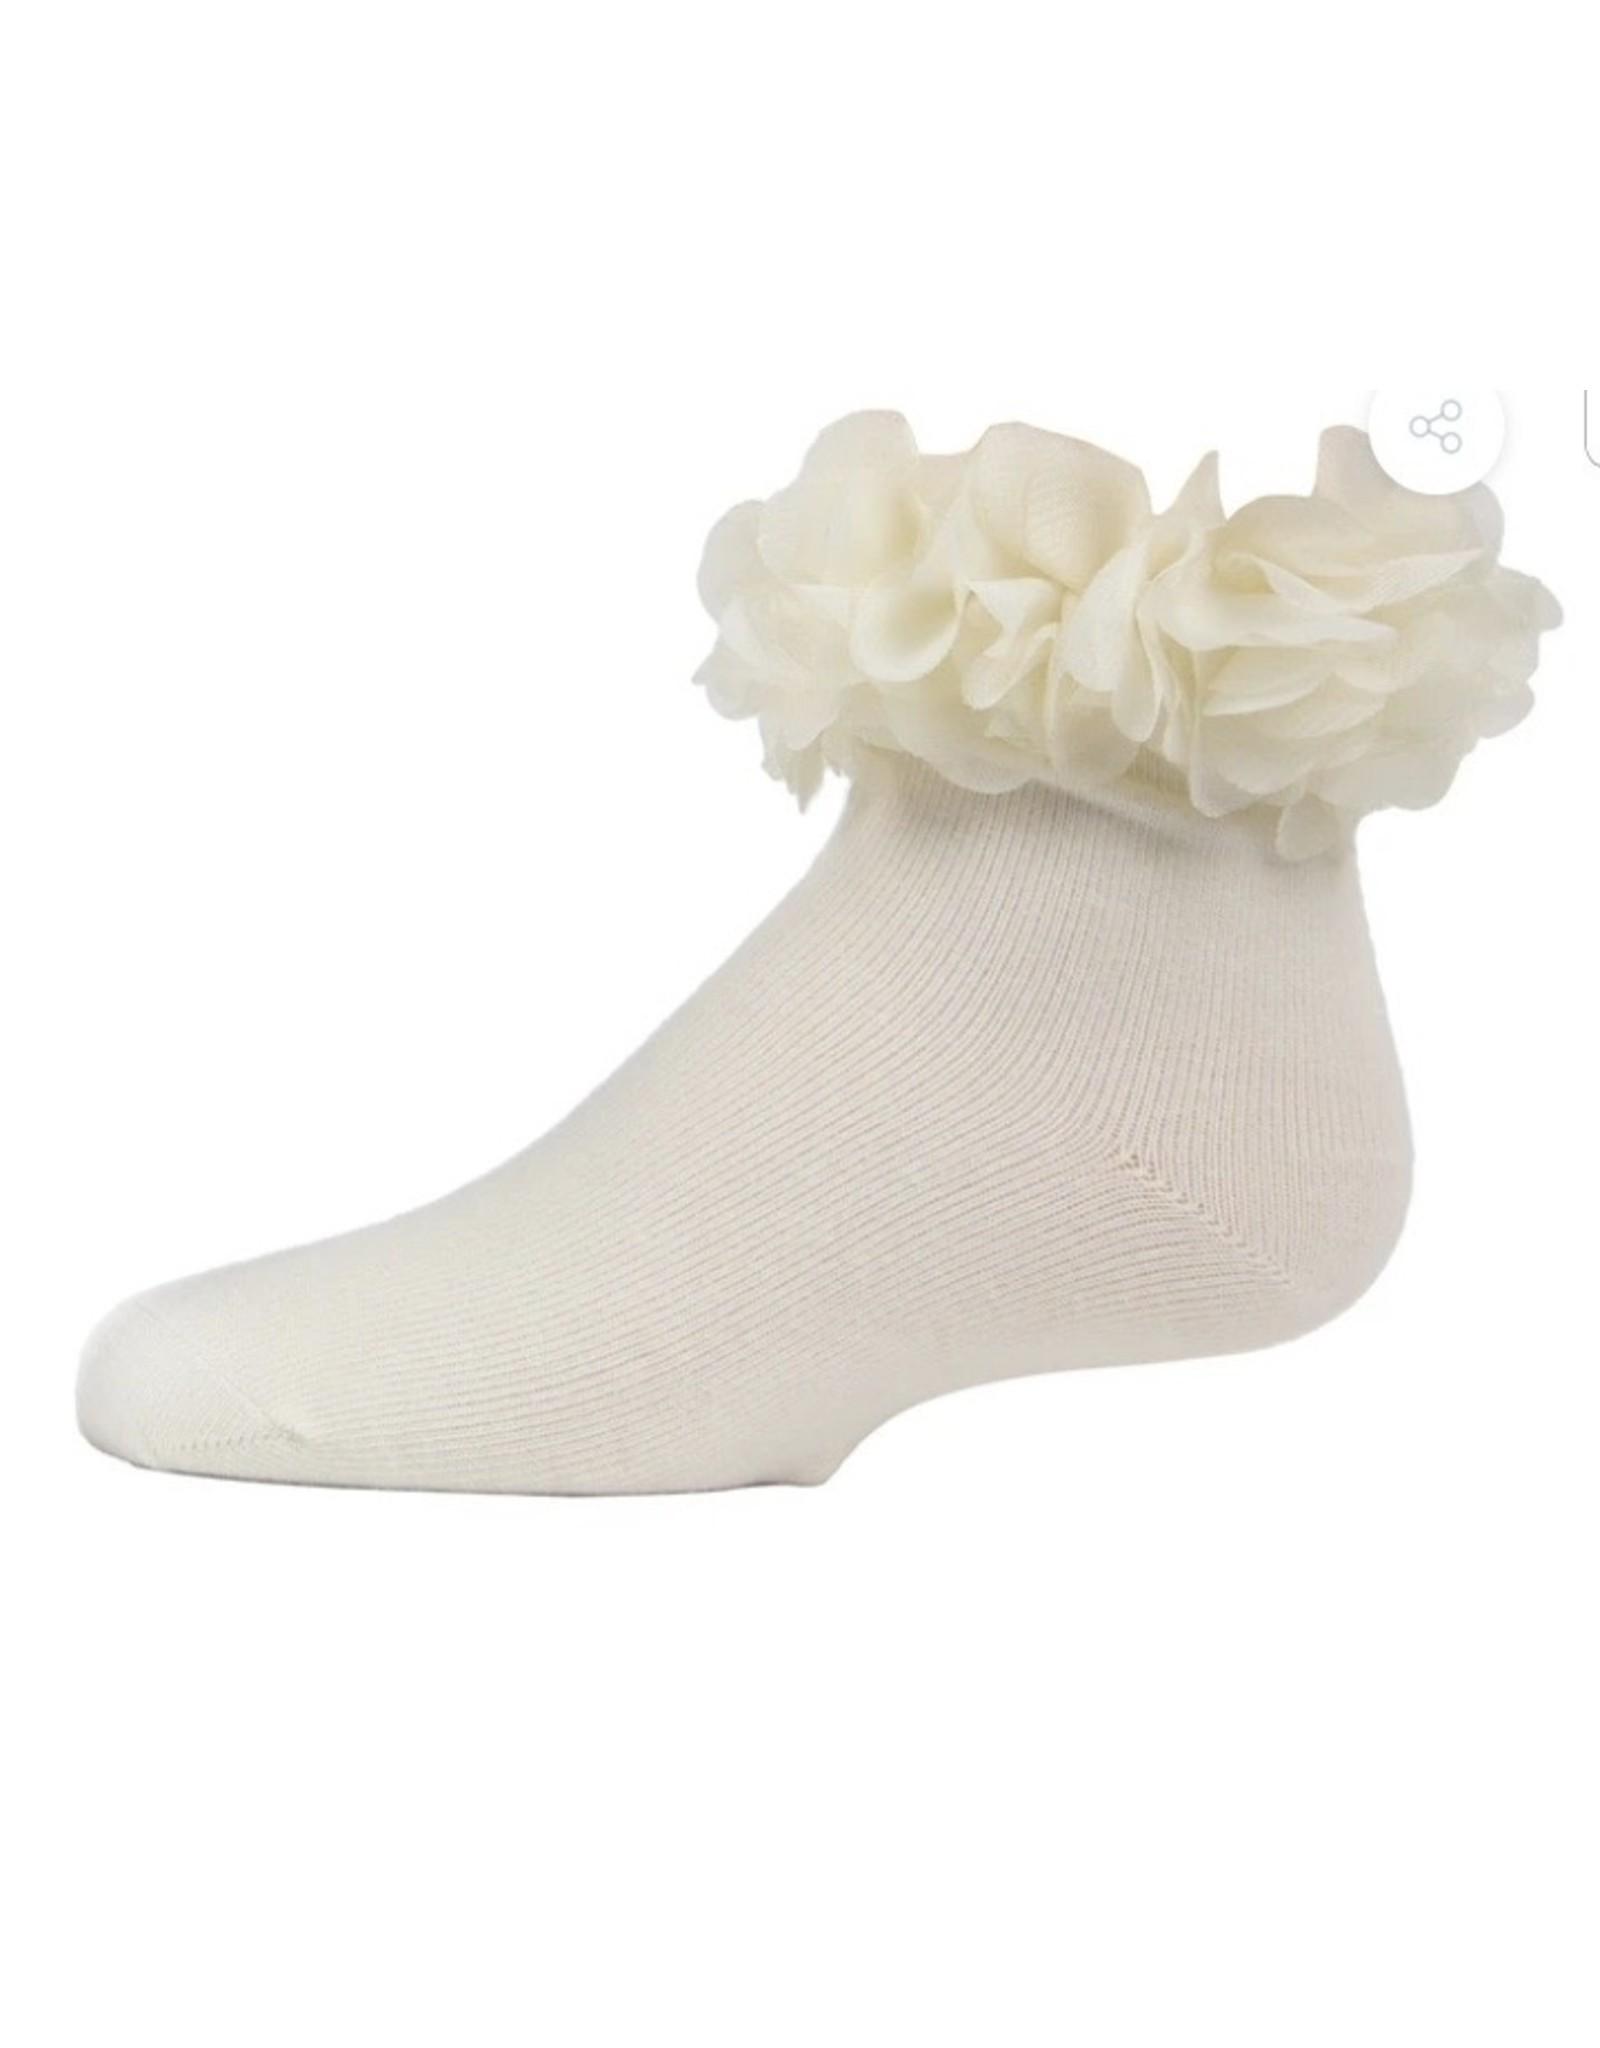 Memoi Memoi Girls Floral Halo Anklet MKF 6029